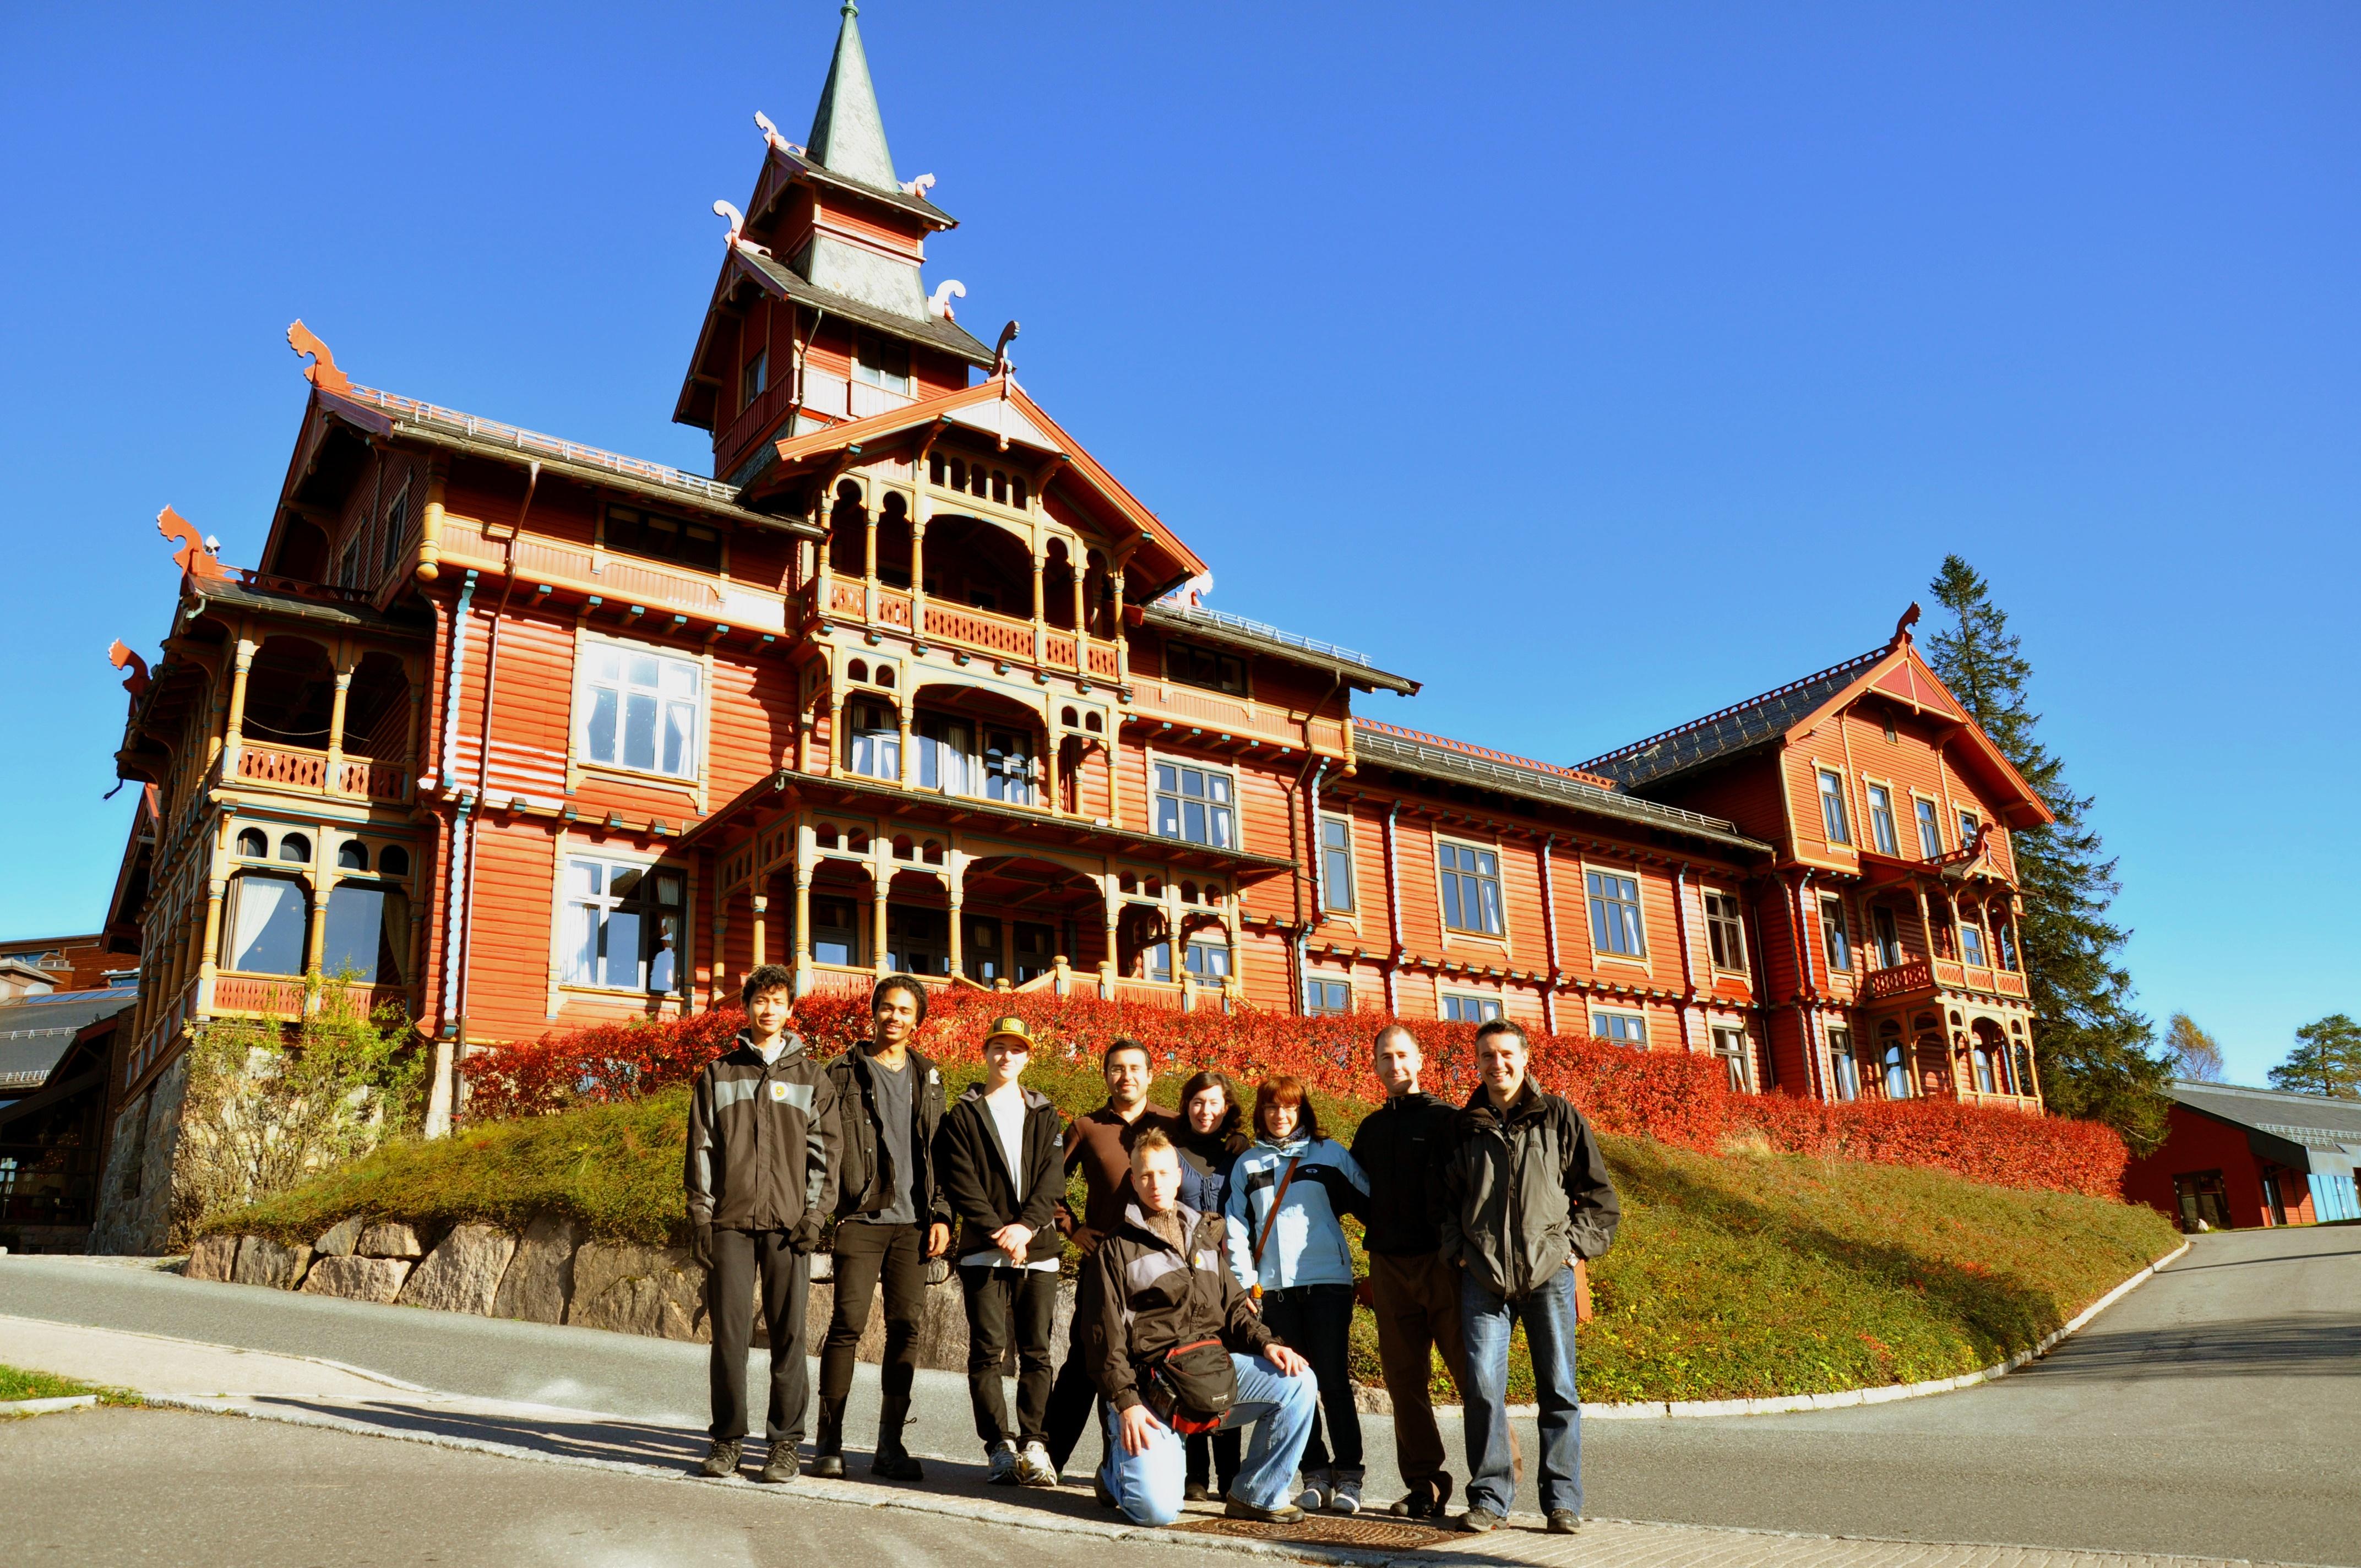 Oslo Wushu Open 2012